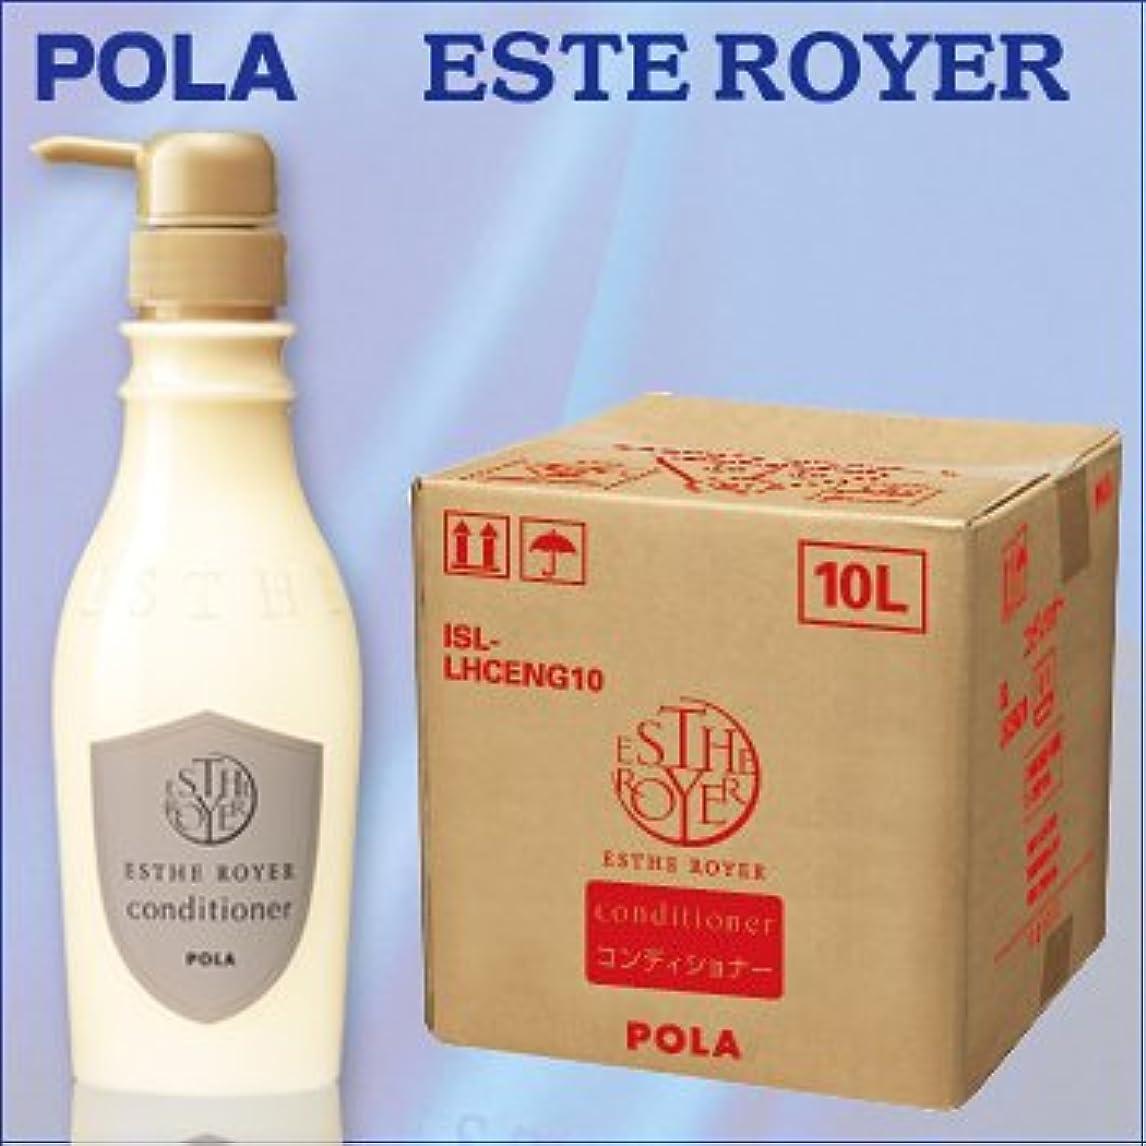 サイズ静かな擁するPOLAエステロワイエ 業務用コンディショナー 10L (1セット10L入)